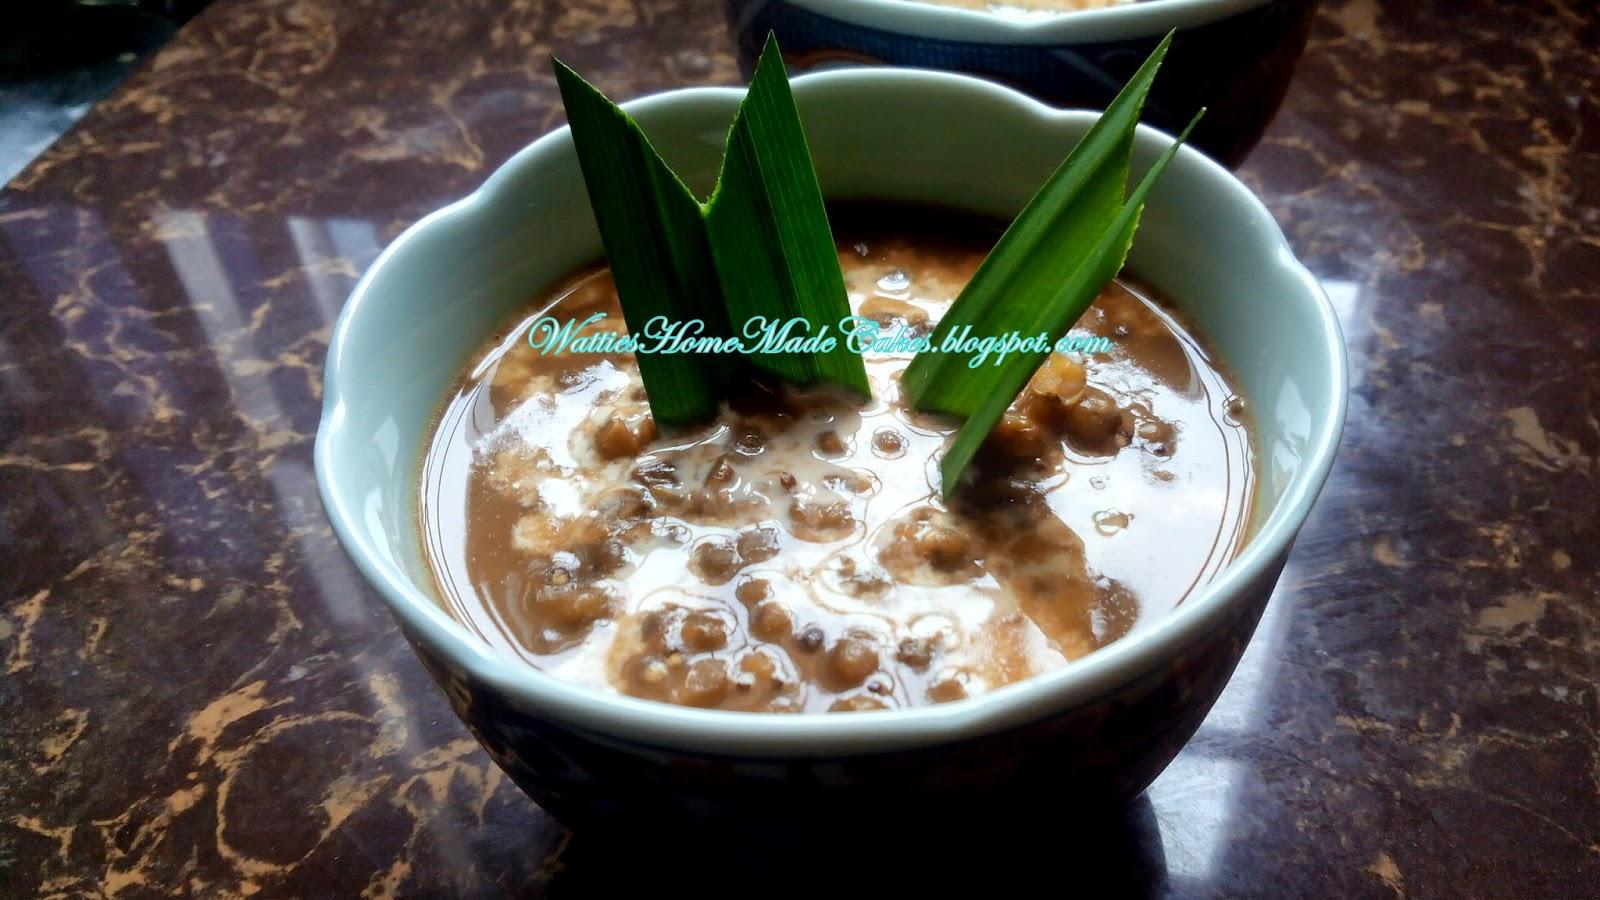 resepi bubur kacang hijau lemak manis rungon Resepi Bubur Nasi Hotel Enak dan Mudah